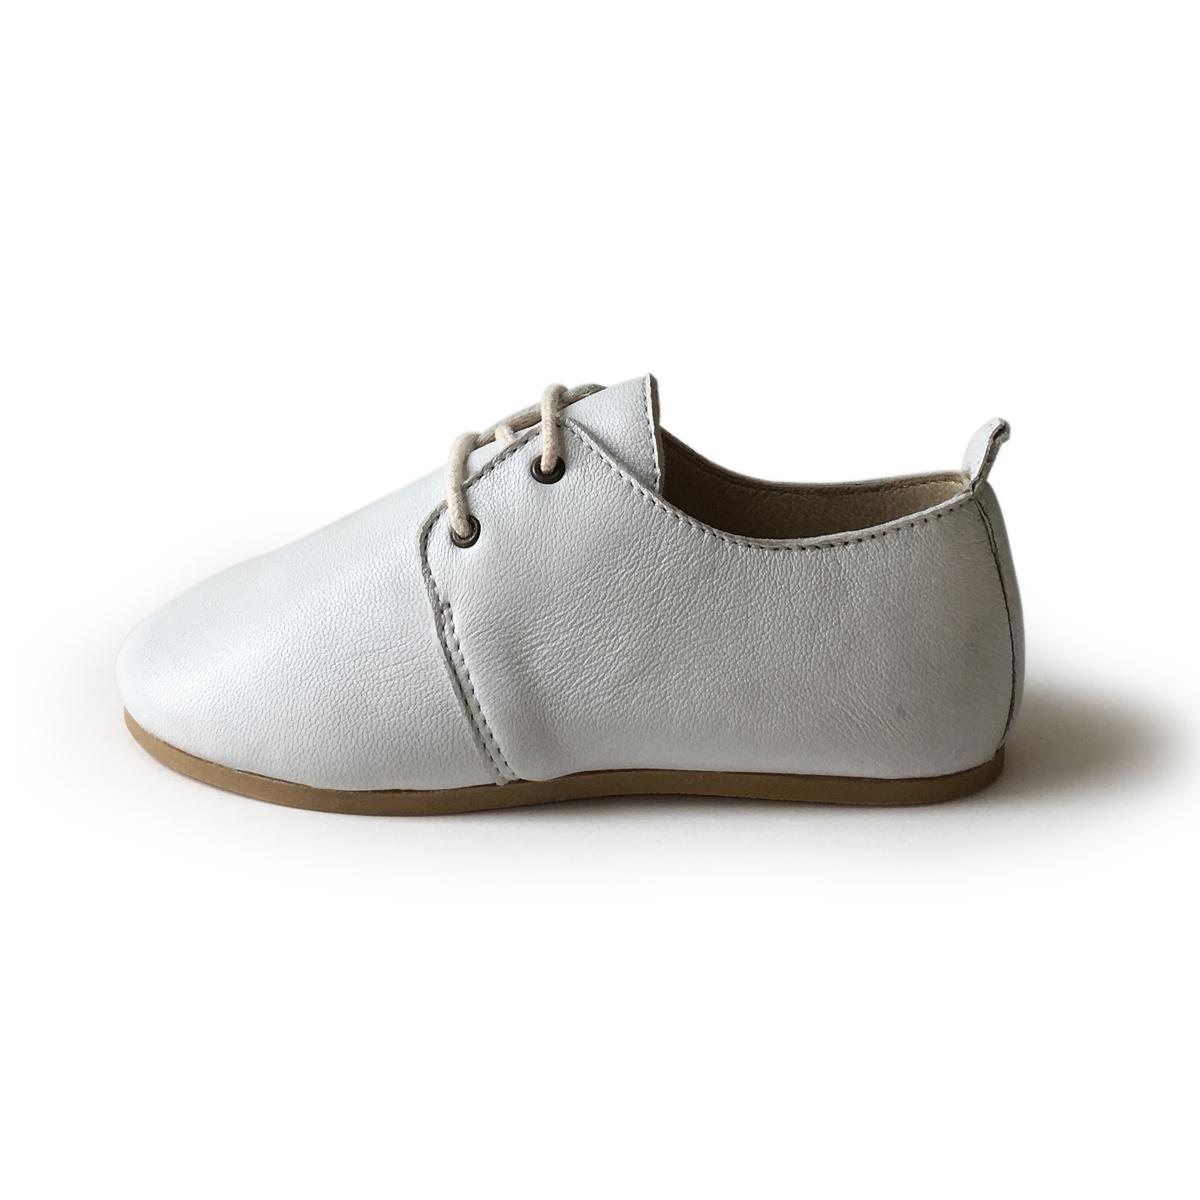 Chaussons & Chaussures Petit Paris Trend Blanc - Taille 23 Petit Paris Trend Blanc - Taille 23